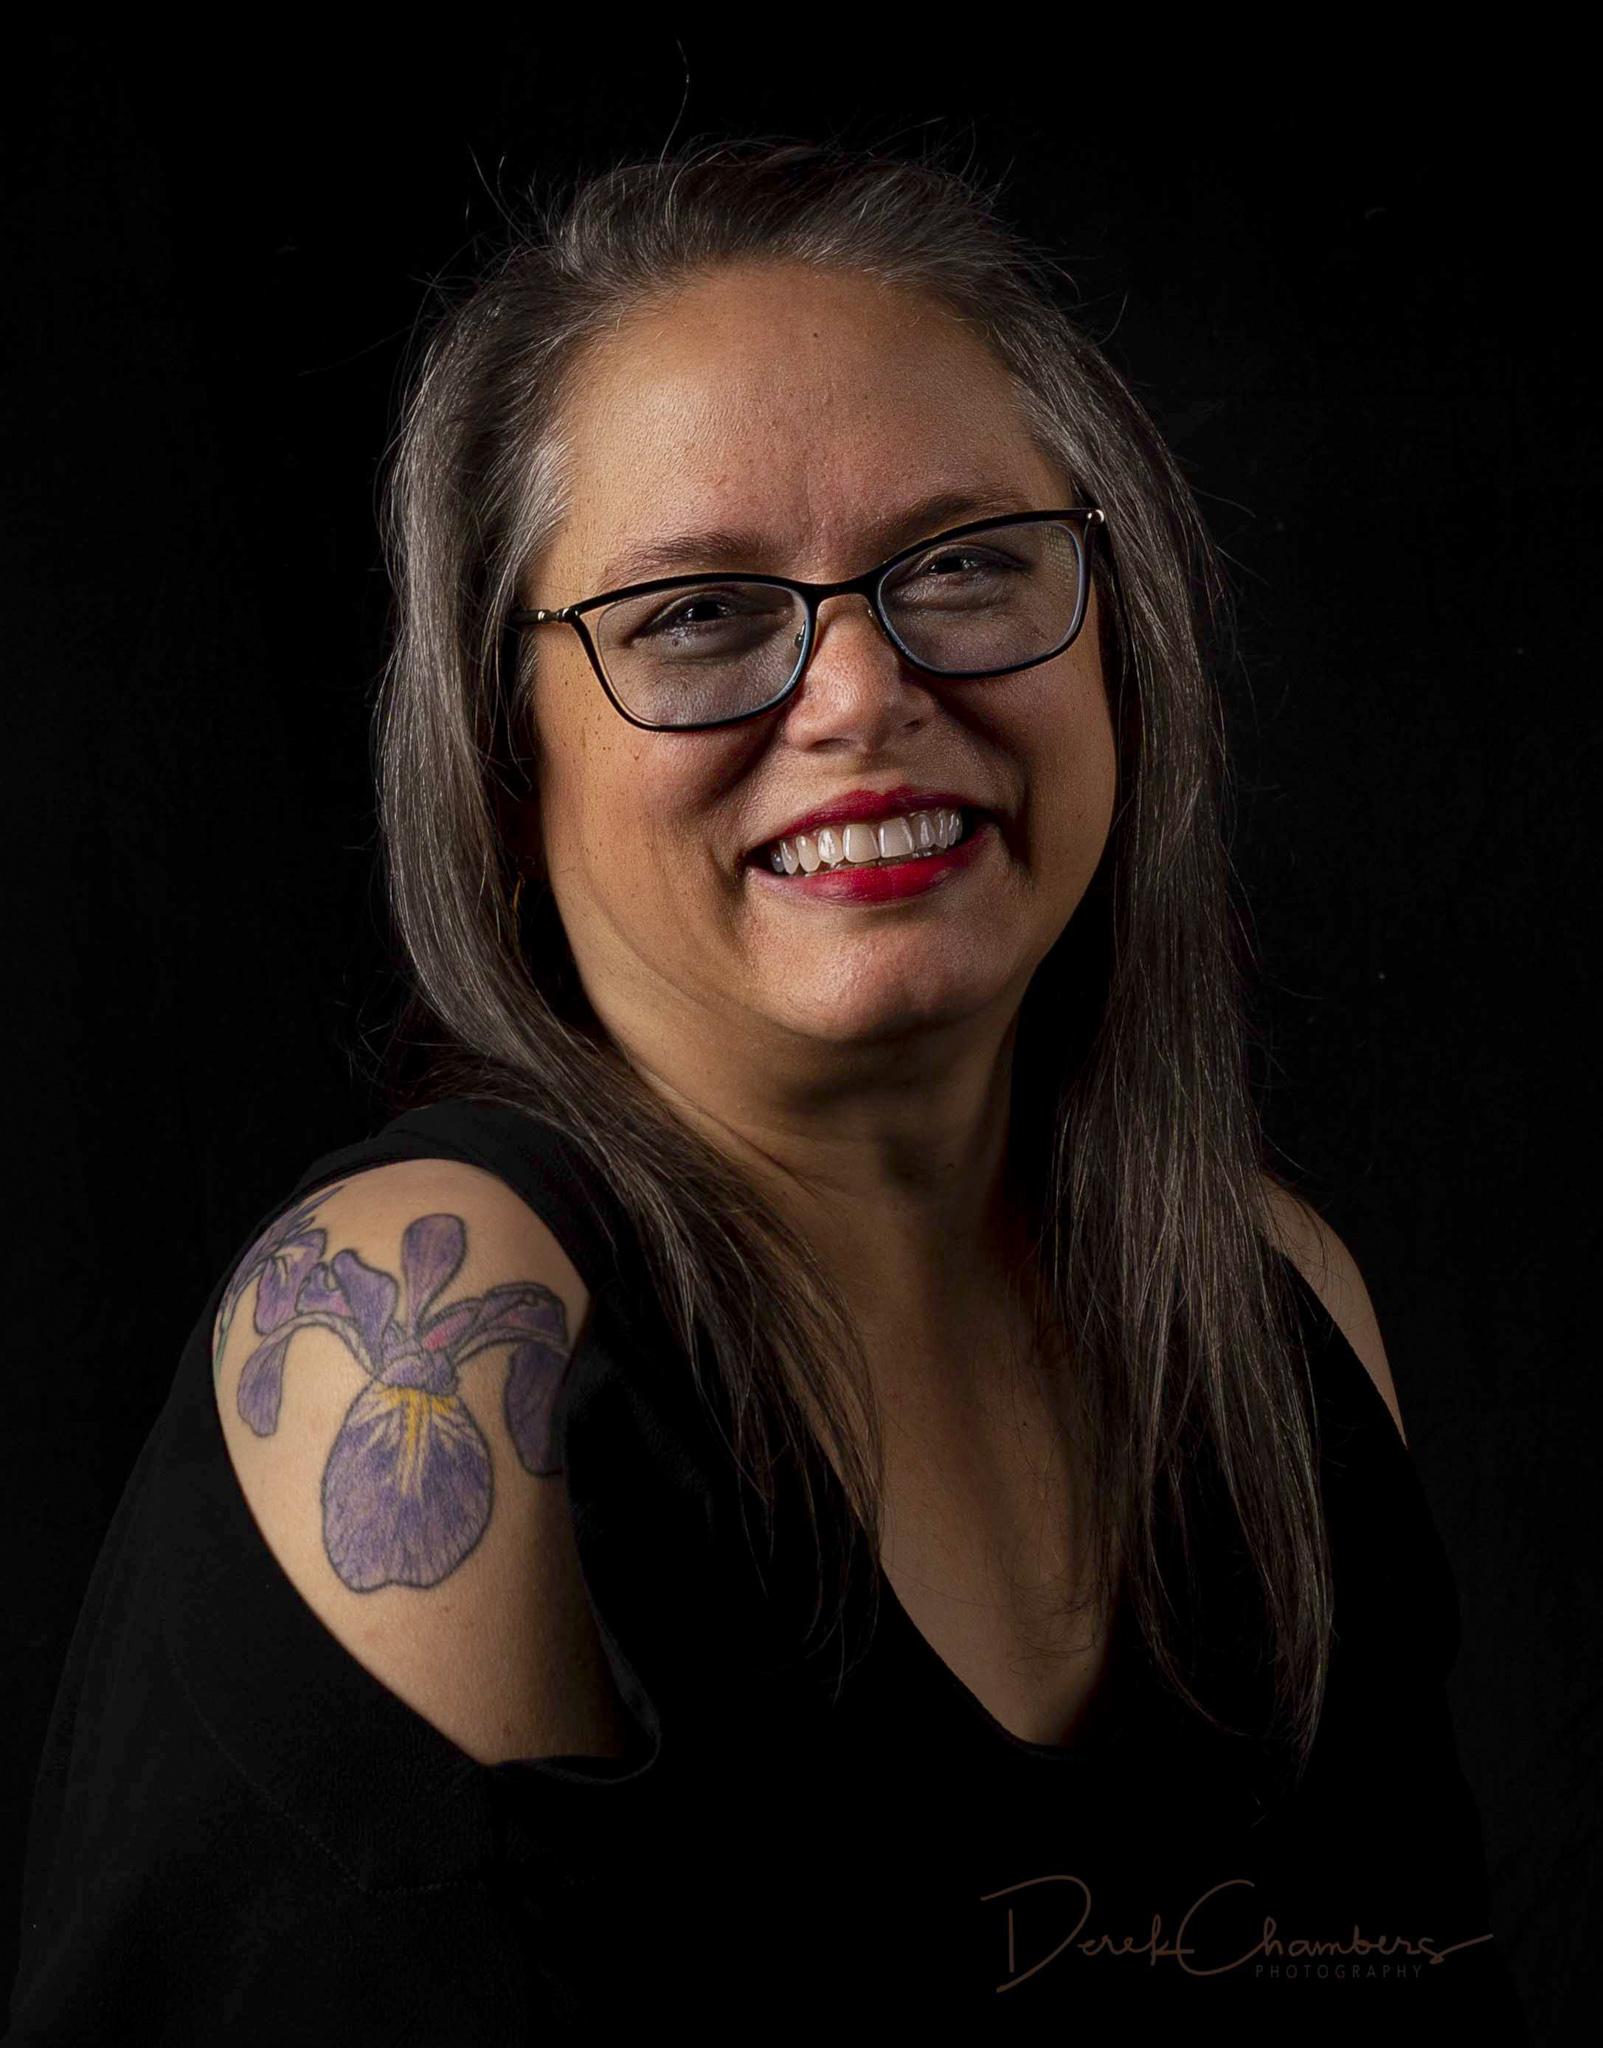 The Iris Tattoo - Derek Chambers